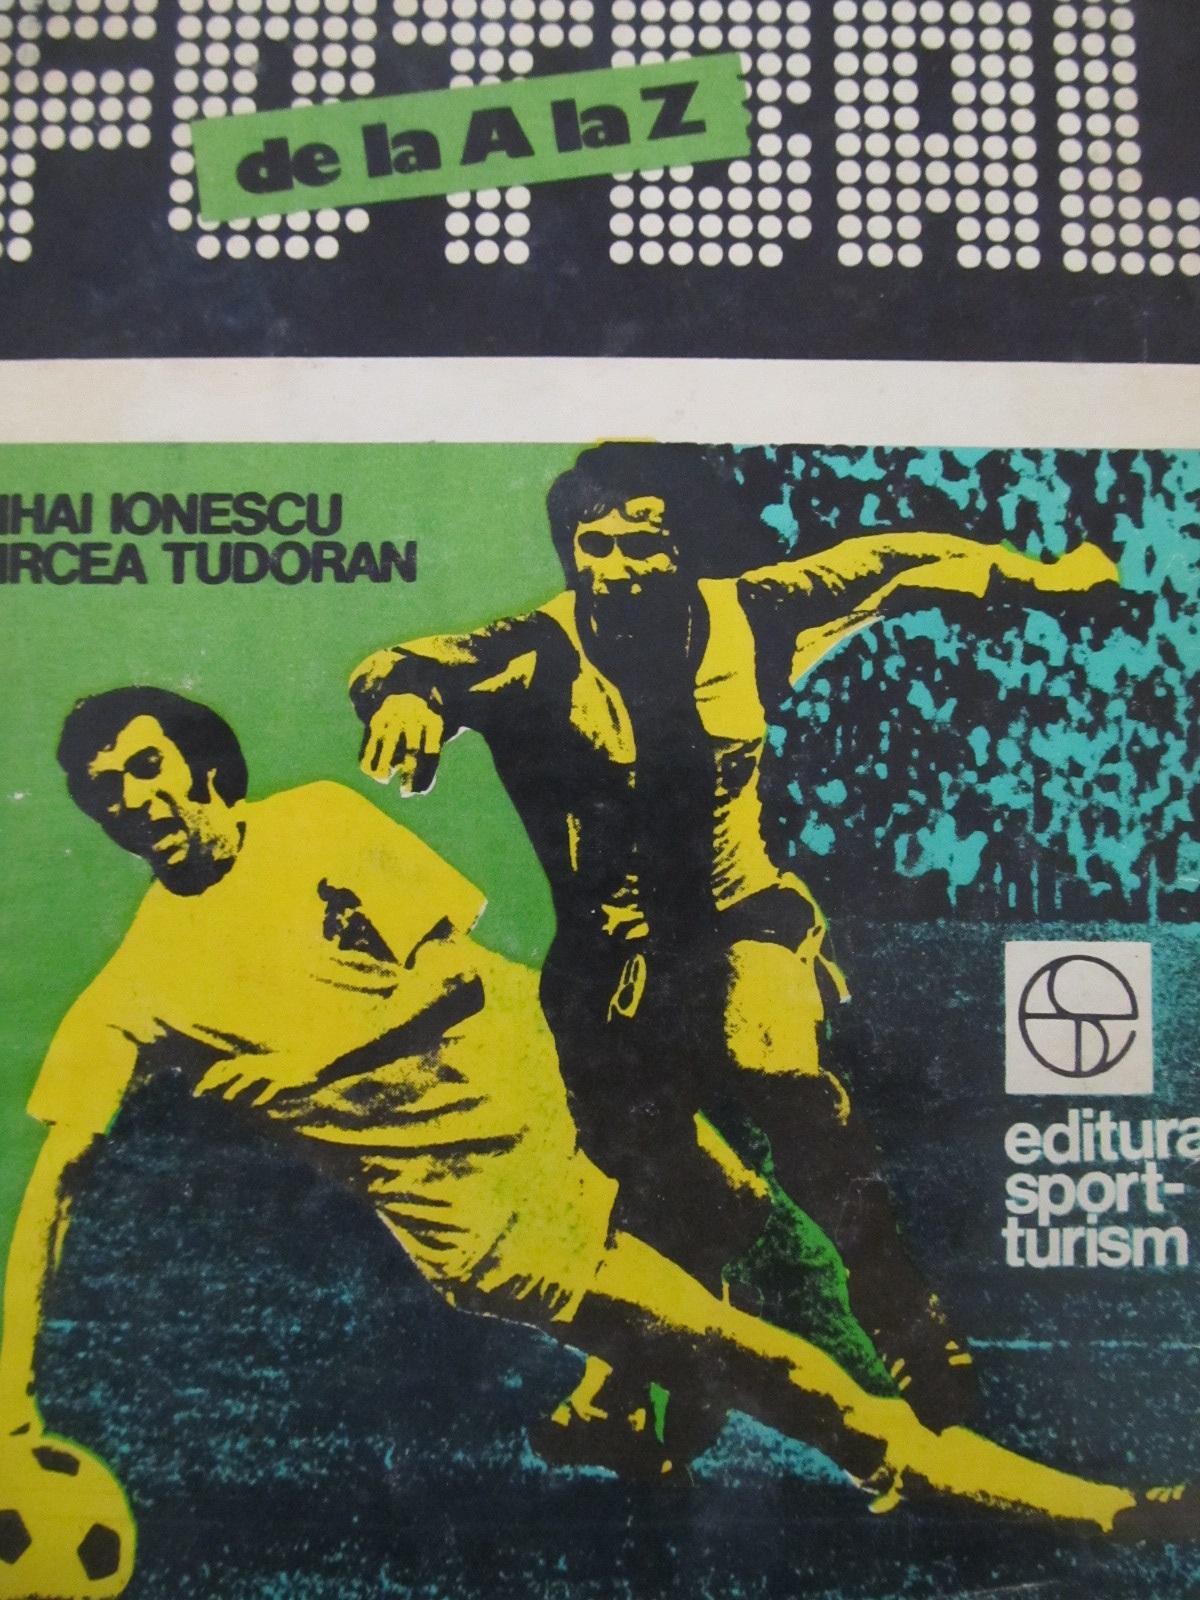 Fotbal de la A la Z - fotbalul romanesc de-a lungul anilor - Mihai Ionescu , Mircea Tudoran | Detalii carte